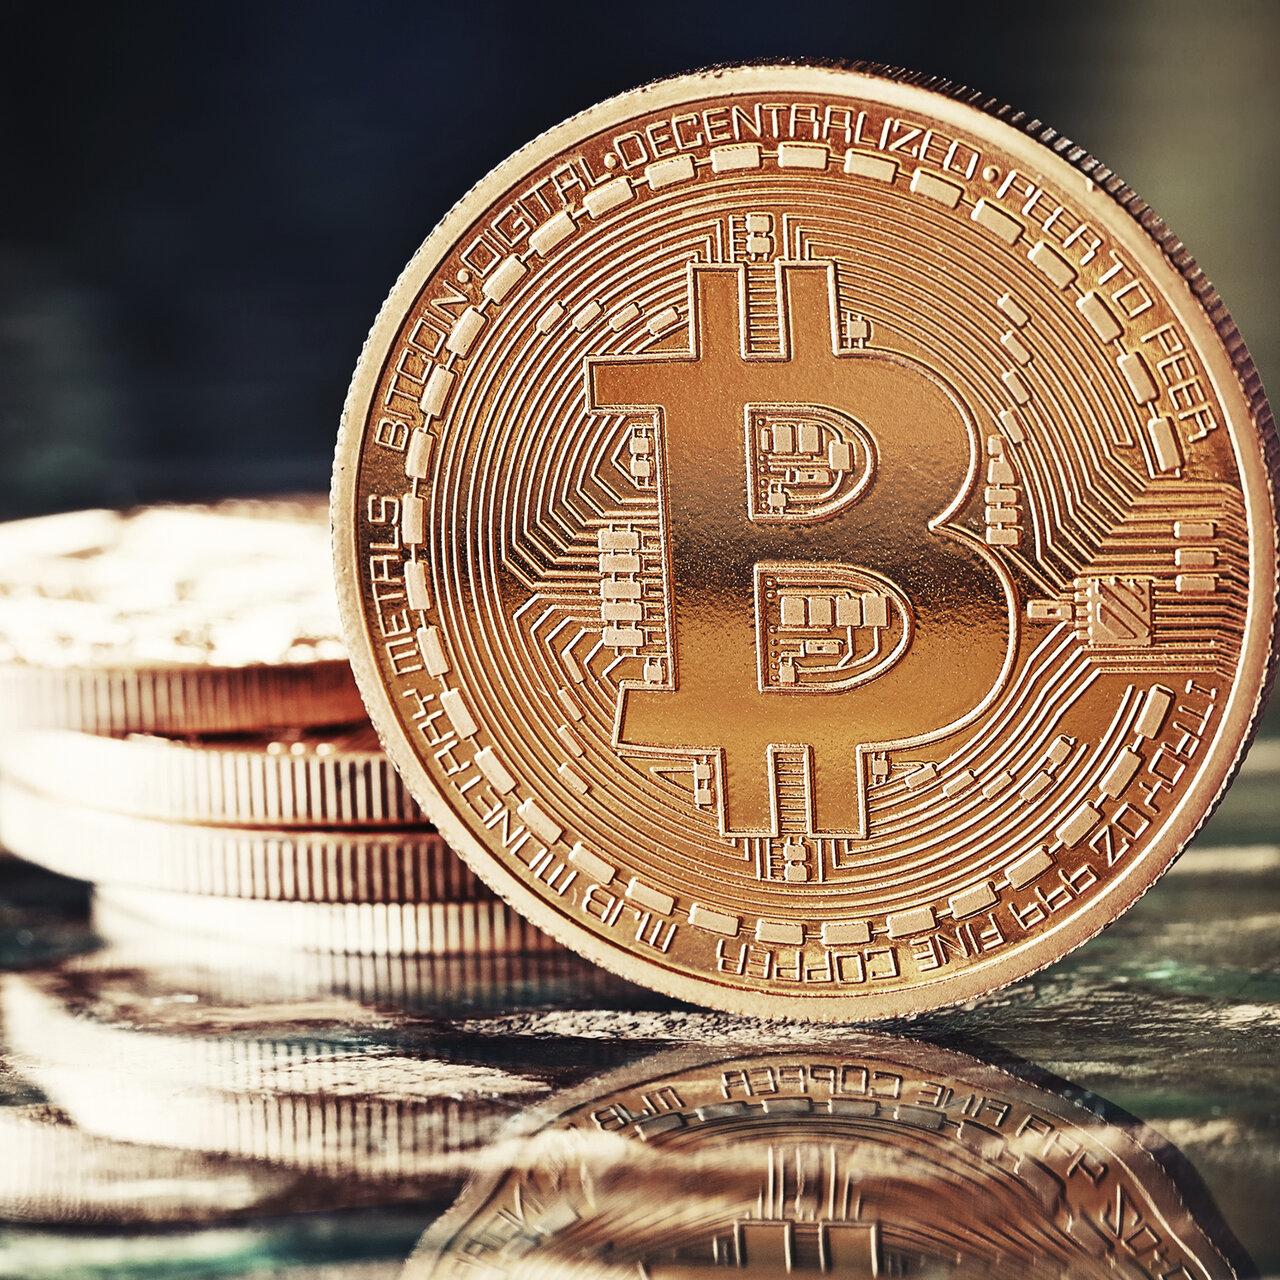 Bitcoin (BTC) price analysis: BitMEX long liquidation may be